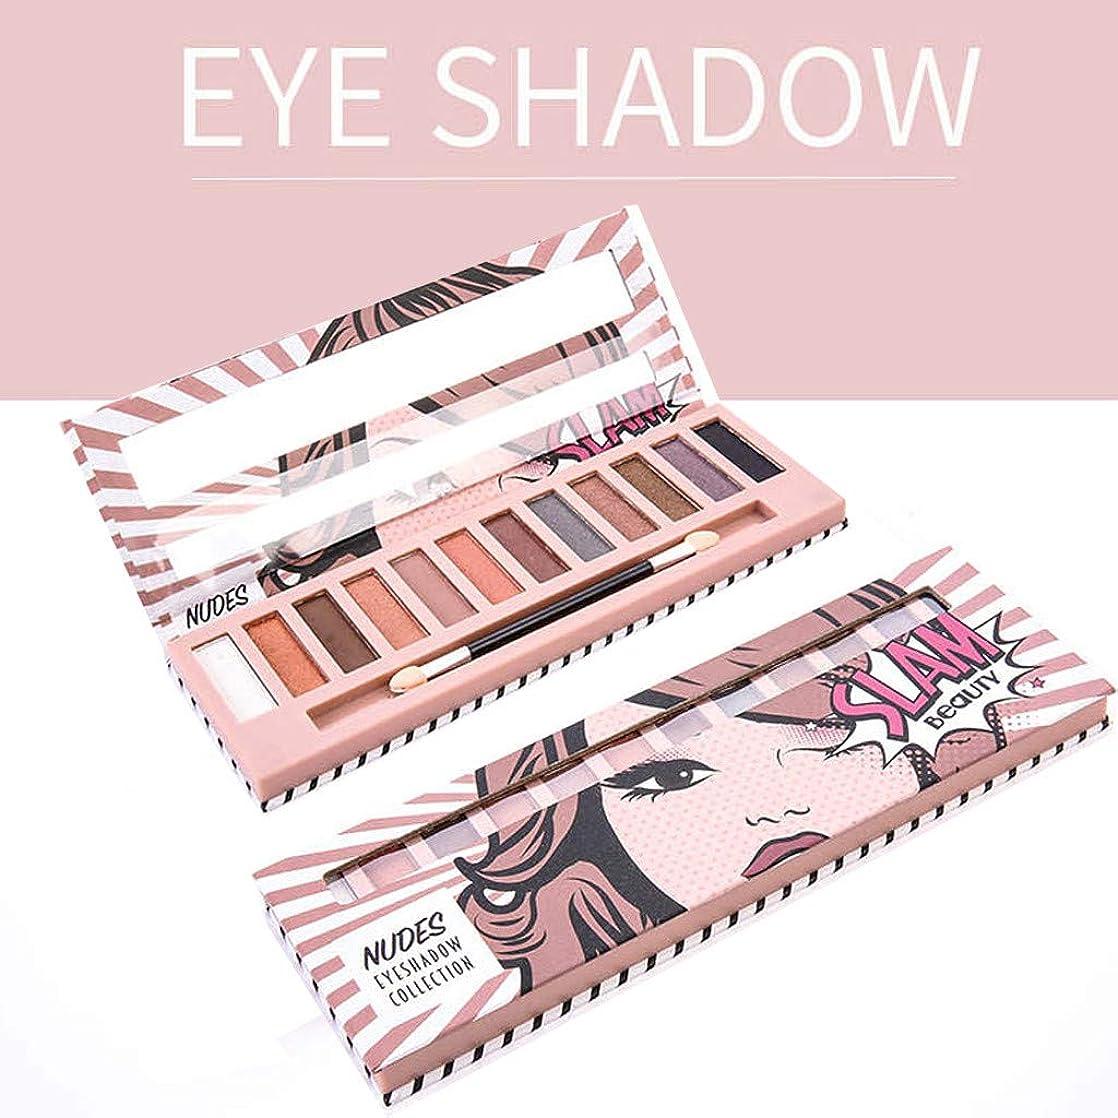 フレッシュ乳白色舗装Akane アイシャドウパレット NUDES Slam Beauty 綺麗 マット 可愛い ファッション おしゃれ 人気 長持ち 持ち便利 Eye Shadow (12色)